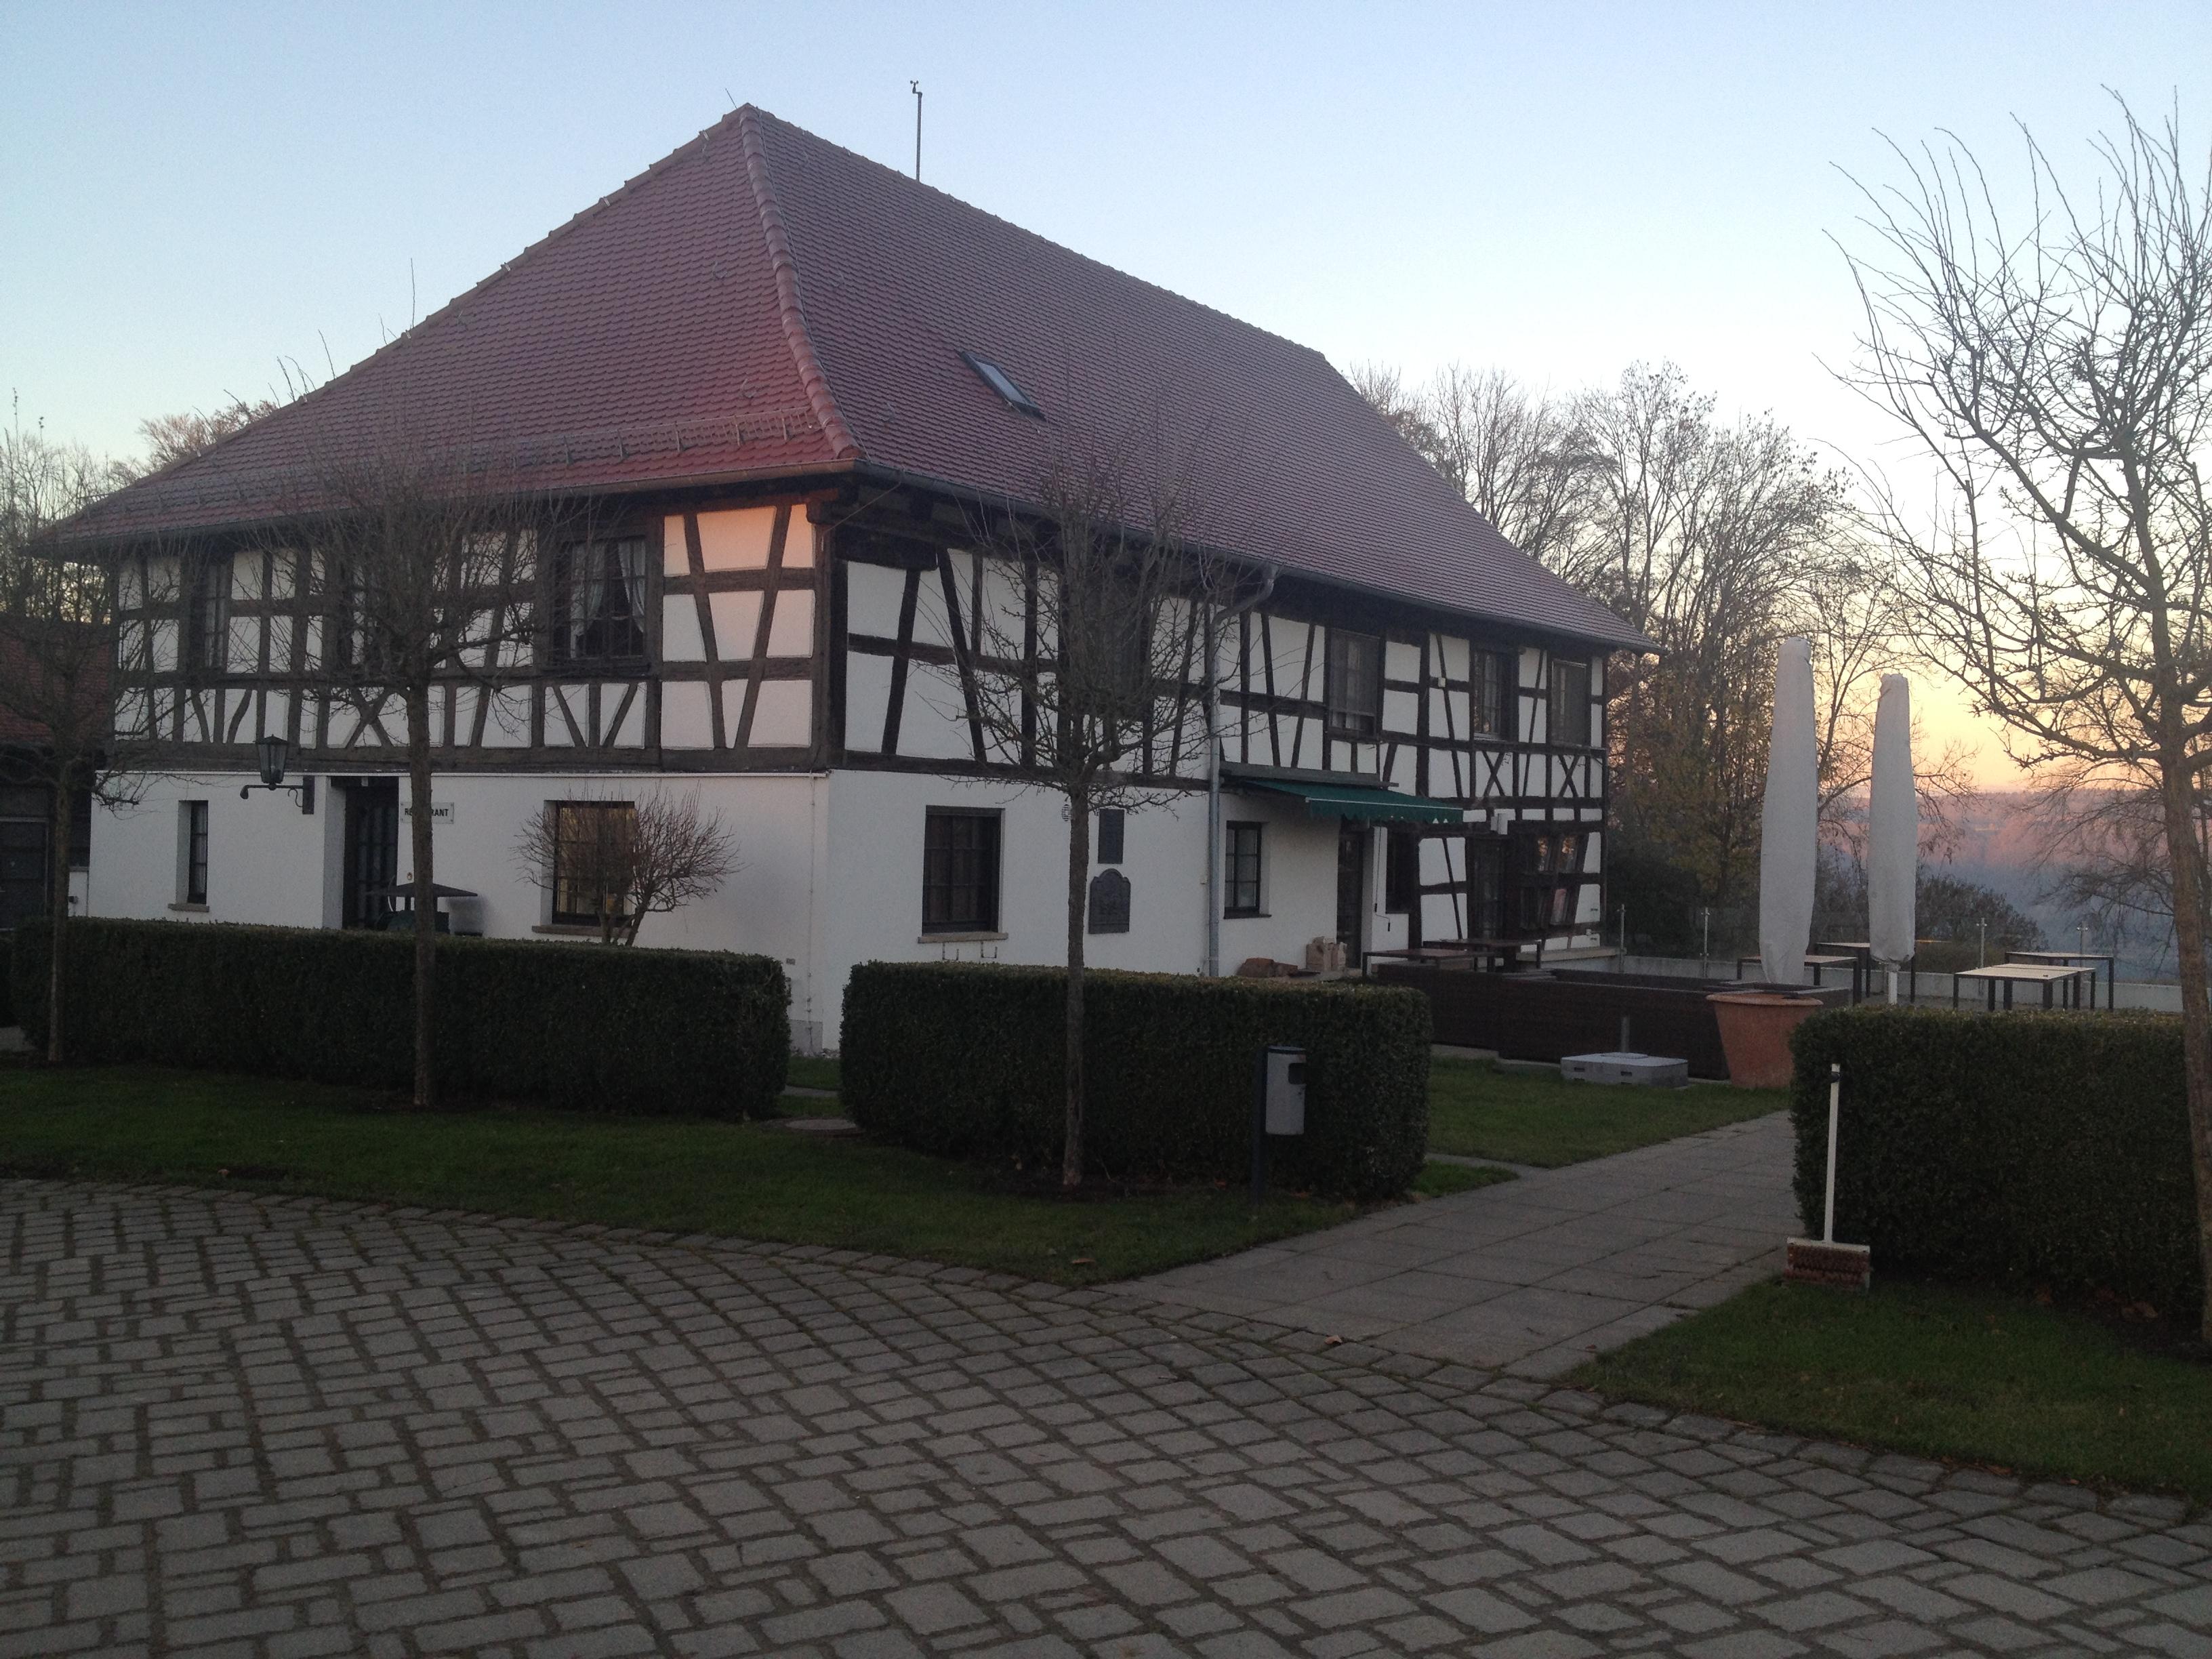 Erste Winterimpressionen Restaurant Haus Am Markt Bad Saulgau - Porte placard coulissante avec serrurier saint maur des fosses